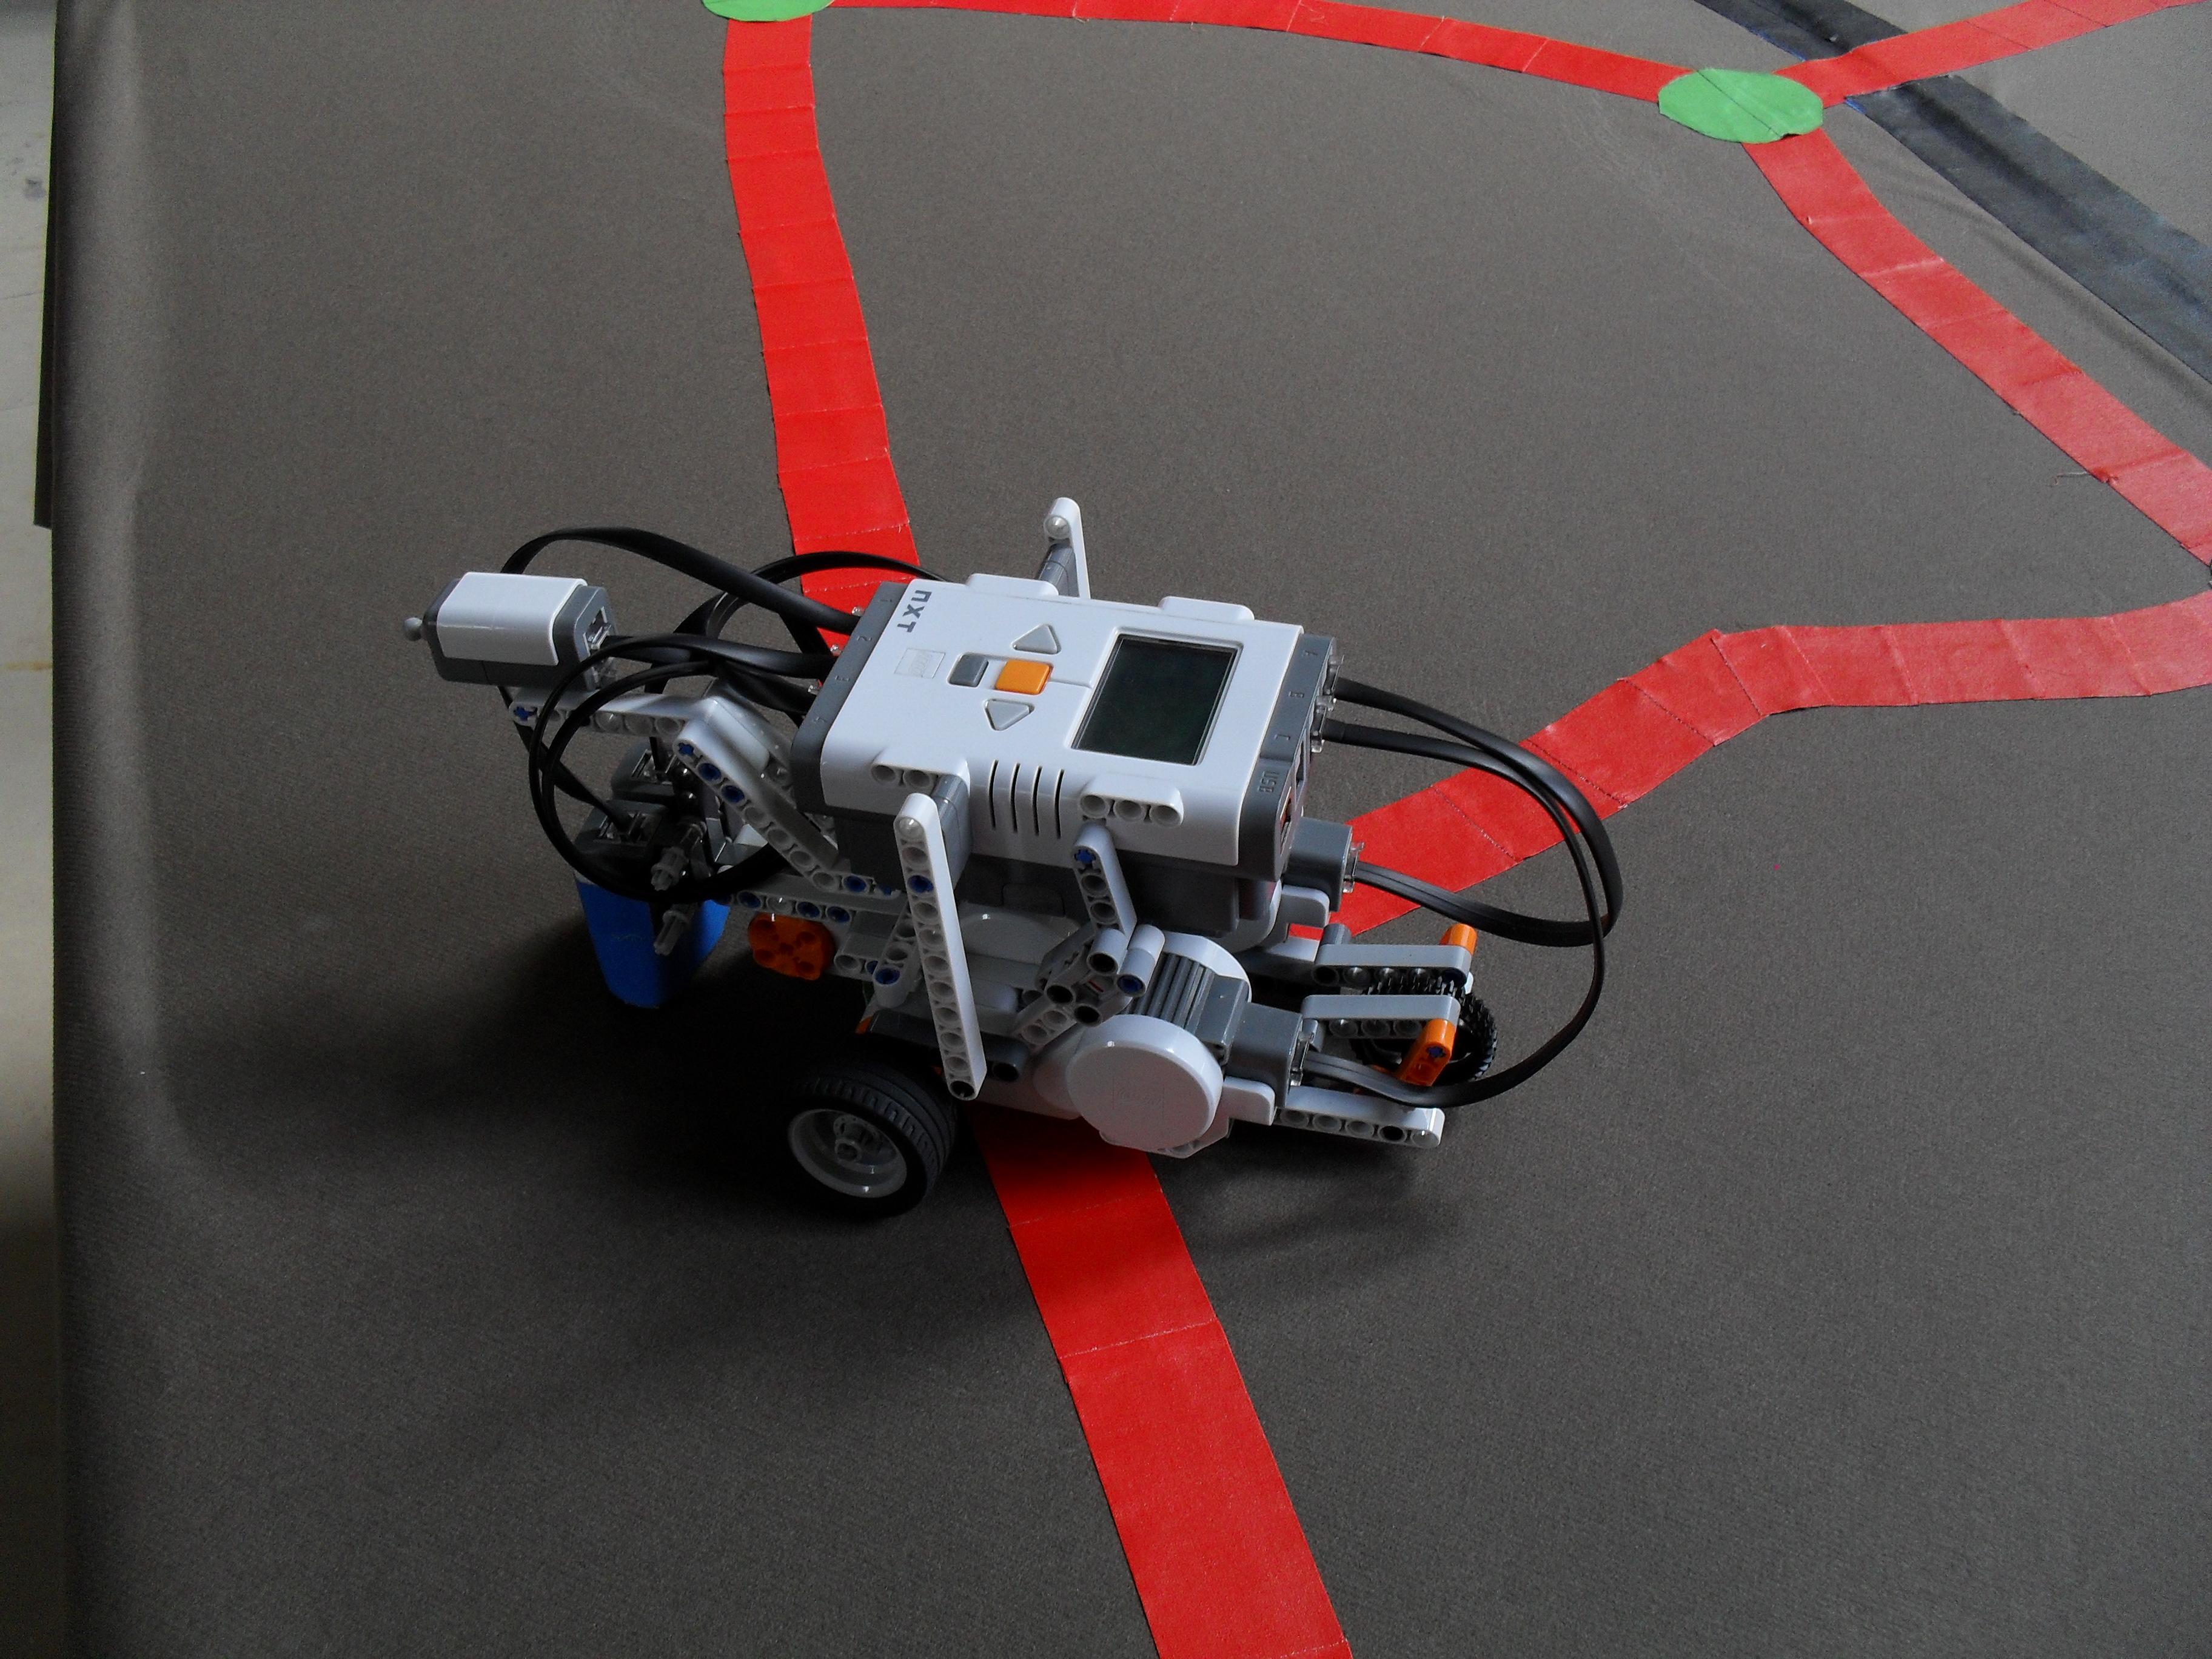 ROBOT SUIVEUR DE LIGNE EBOOK